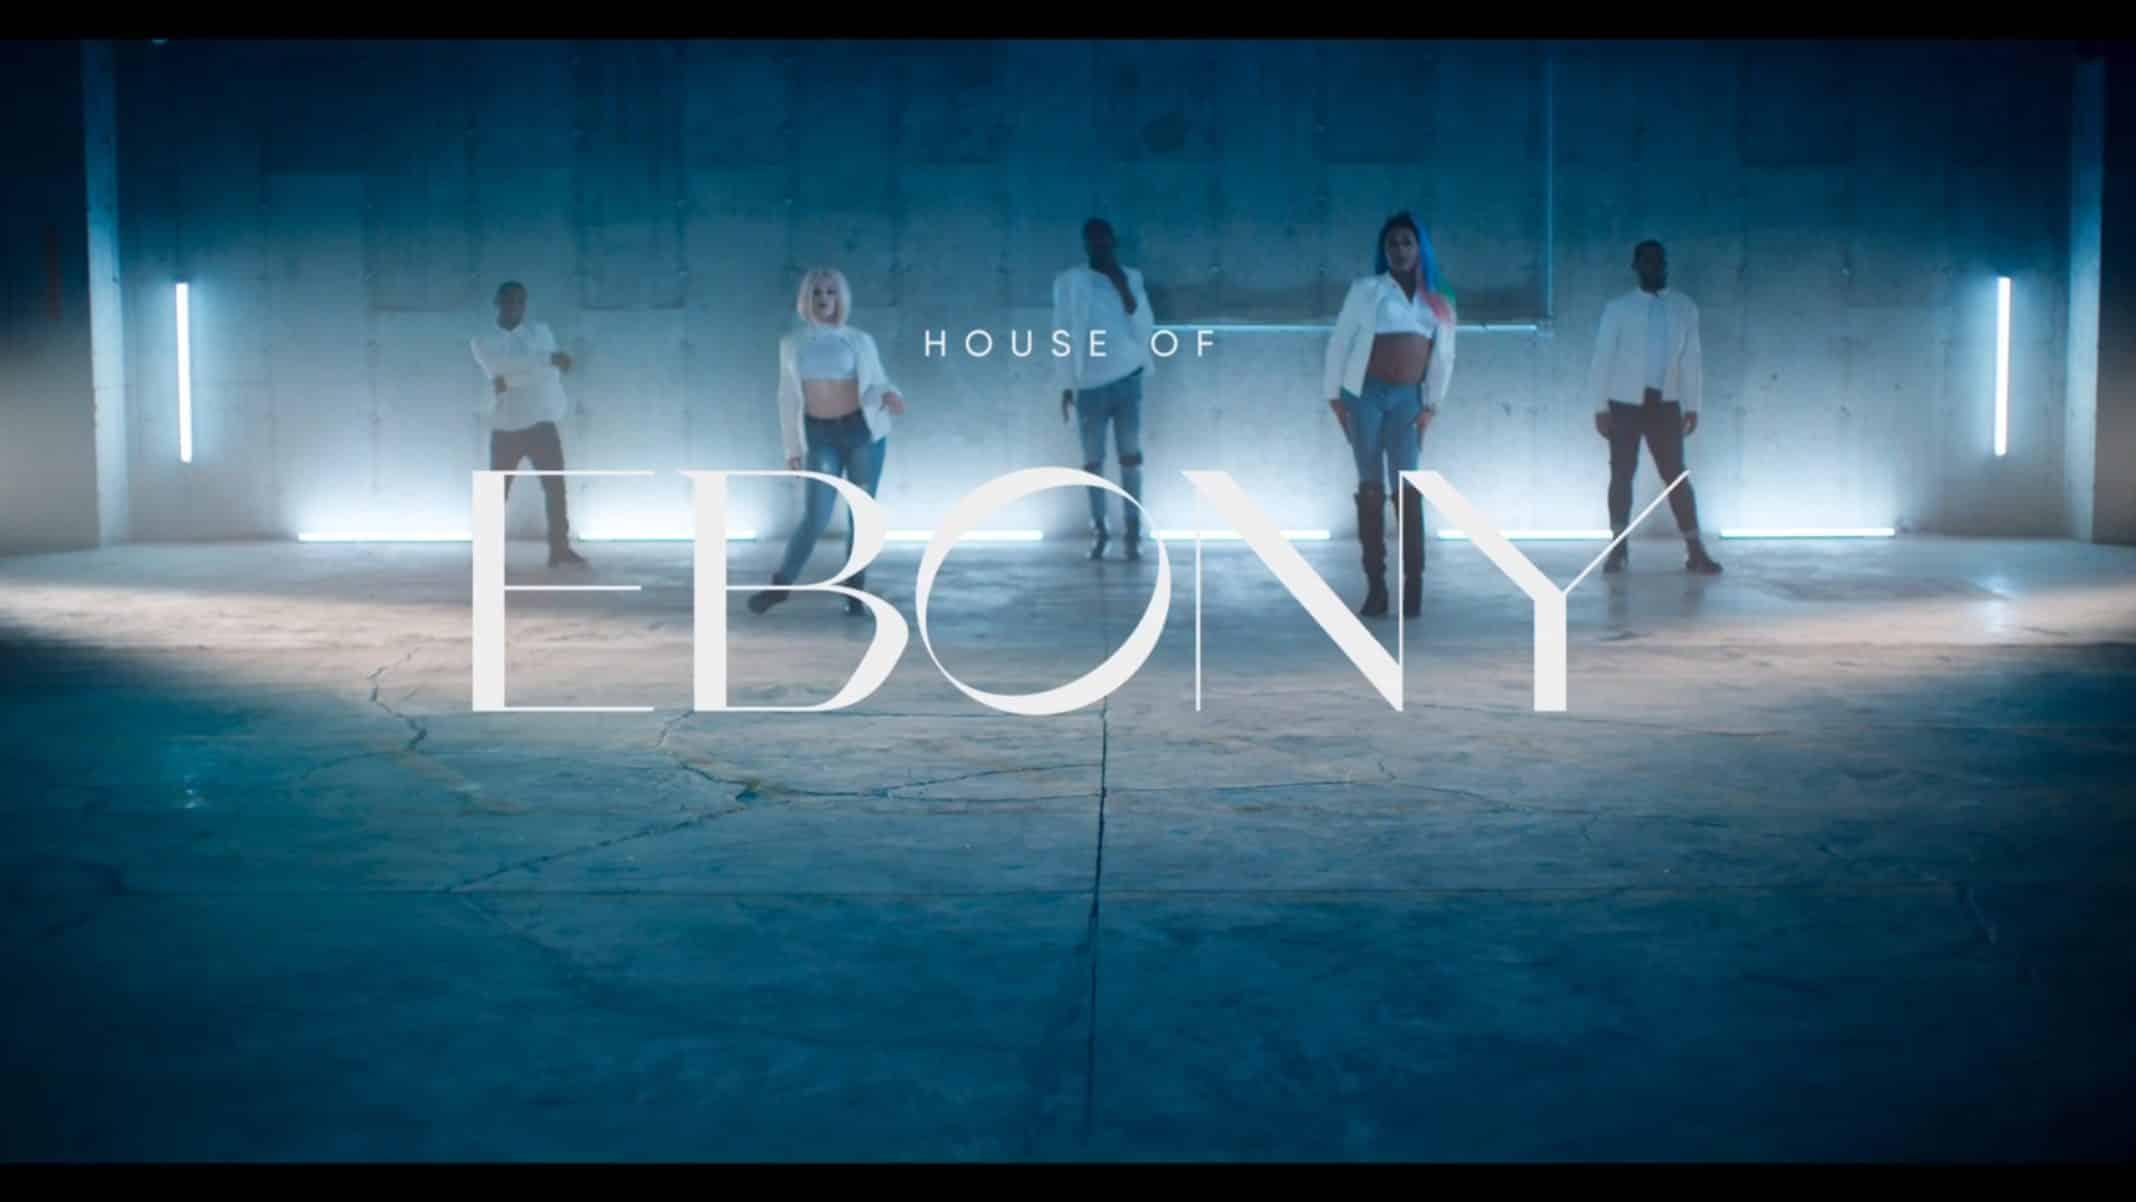 House of Ebony group shot.